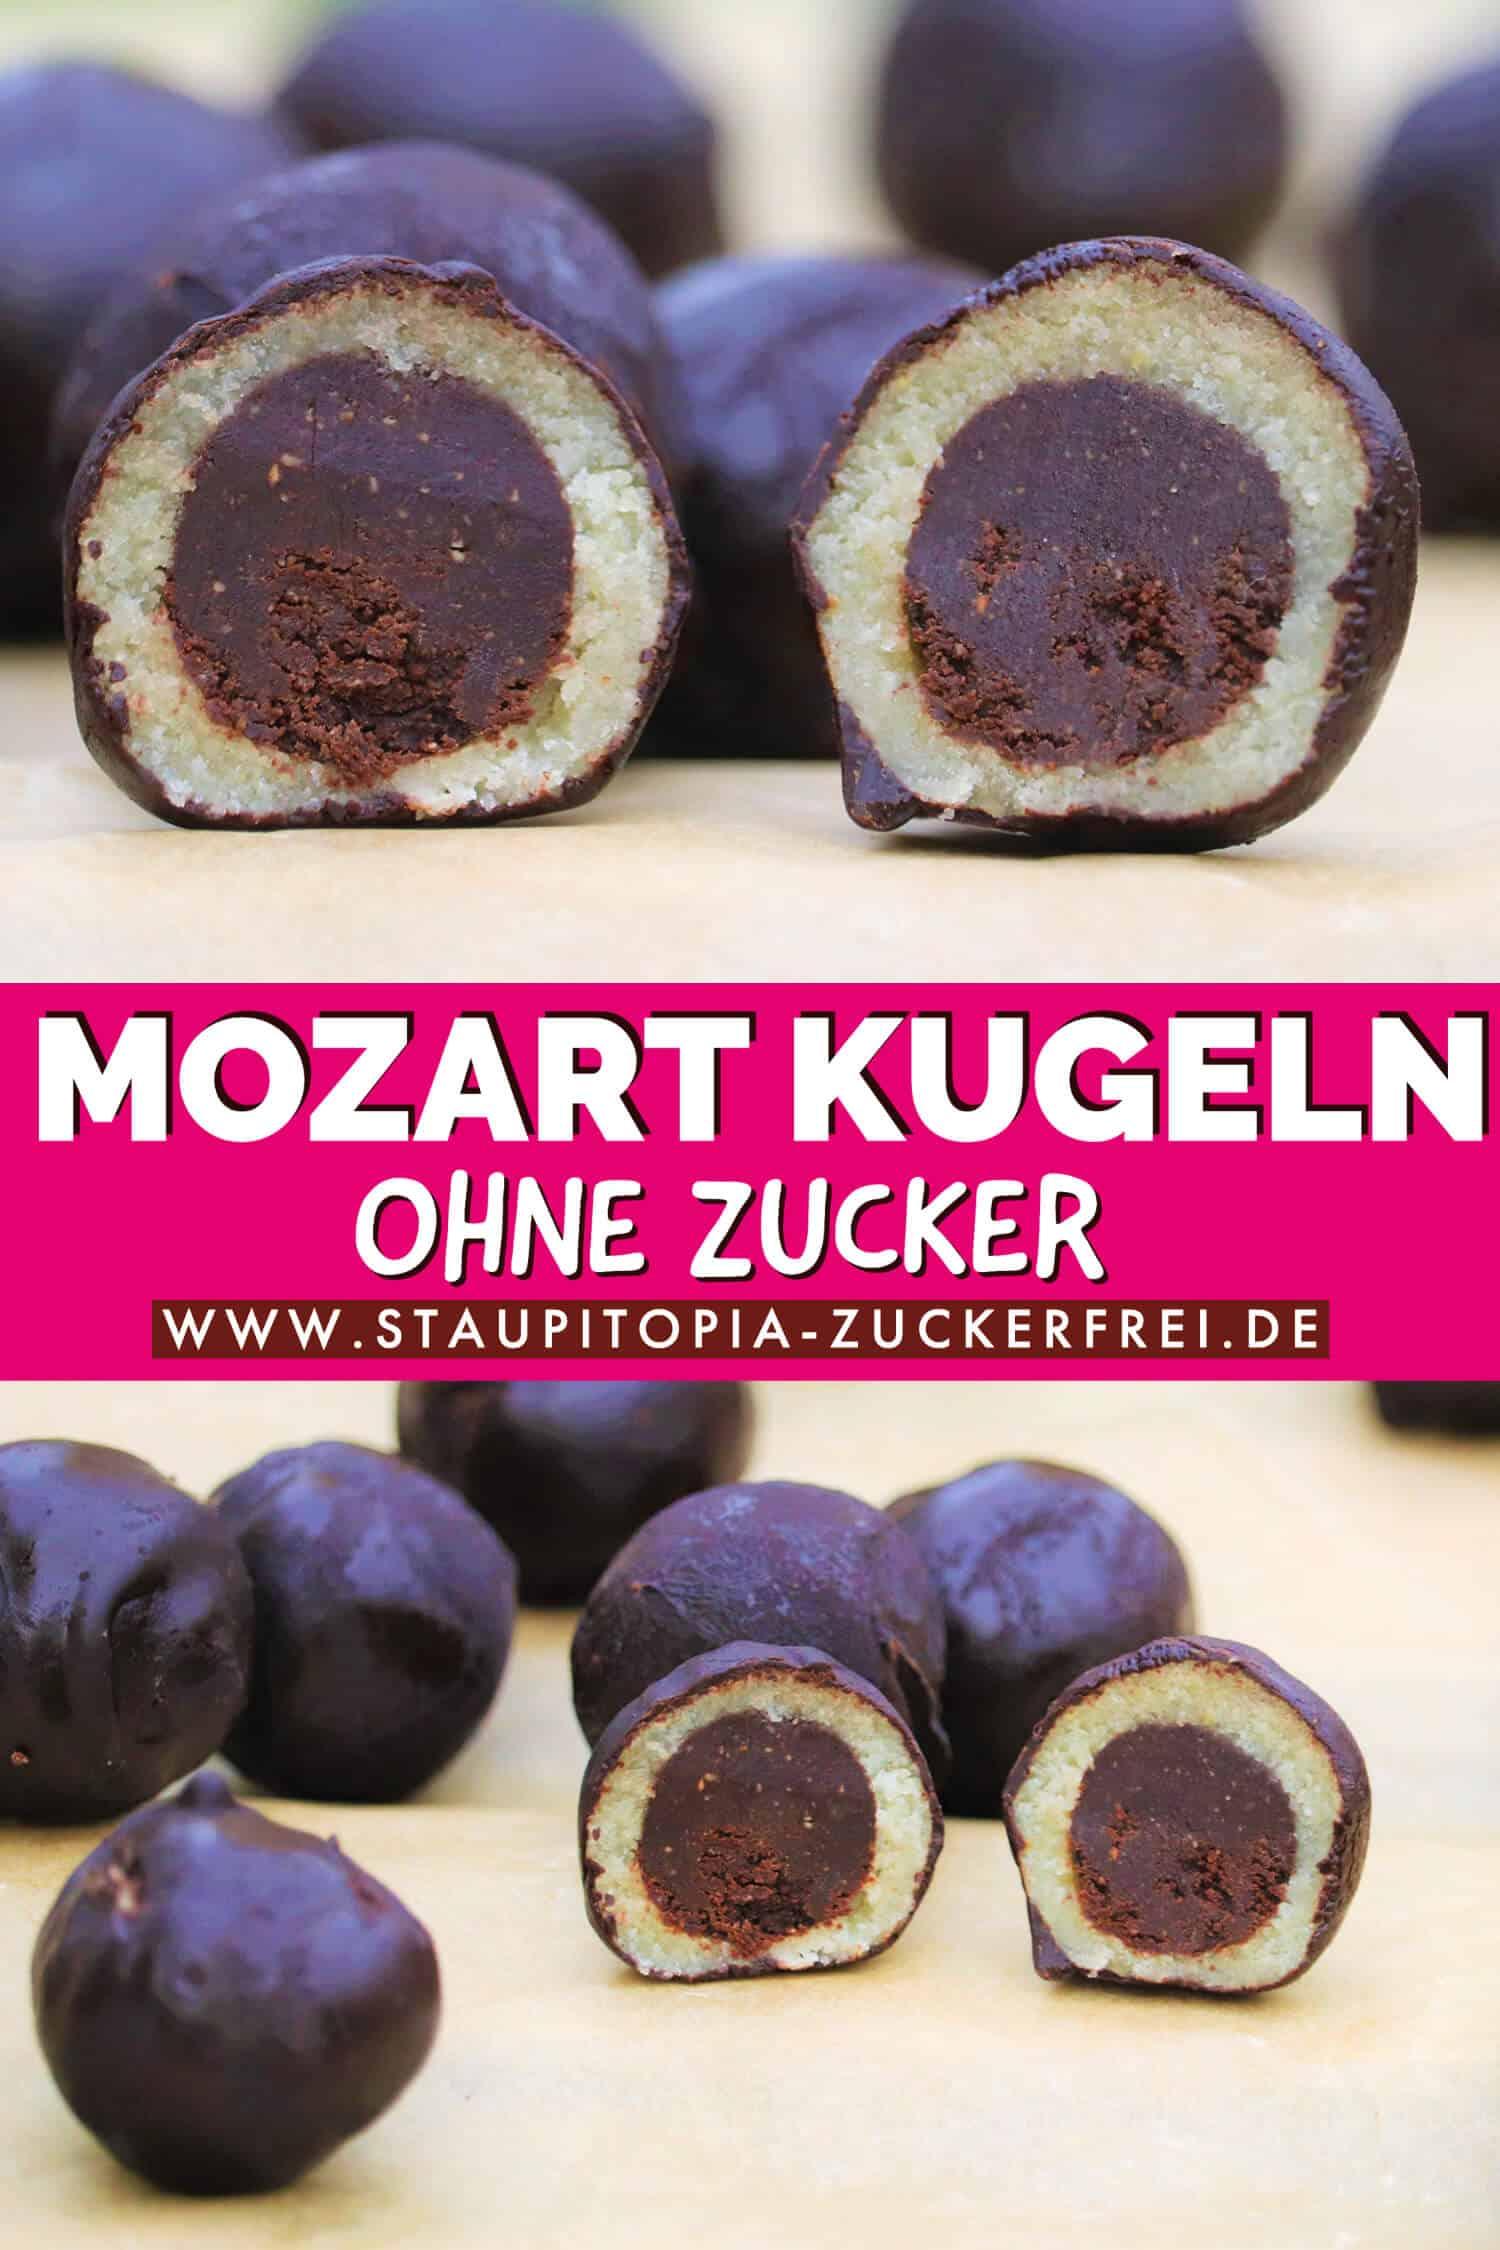 Mozart Kugeln ohne Zucker selber machen